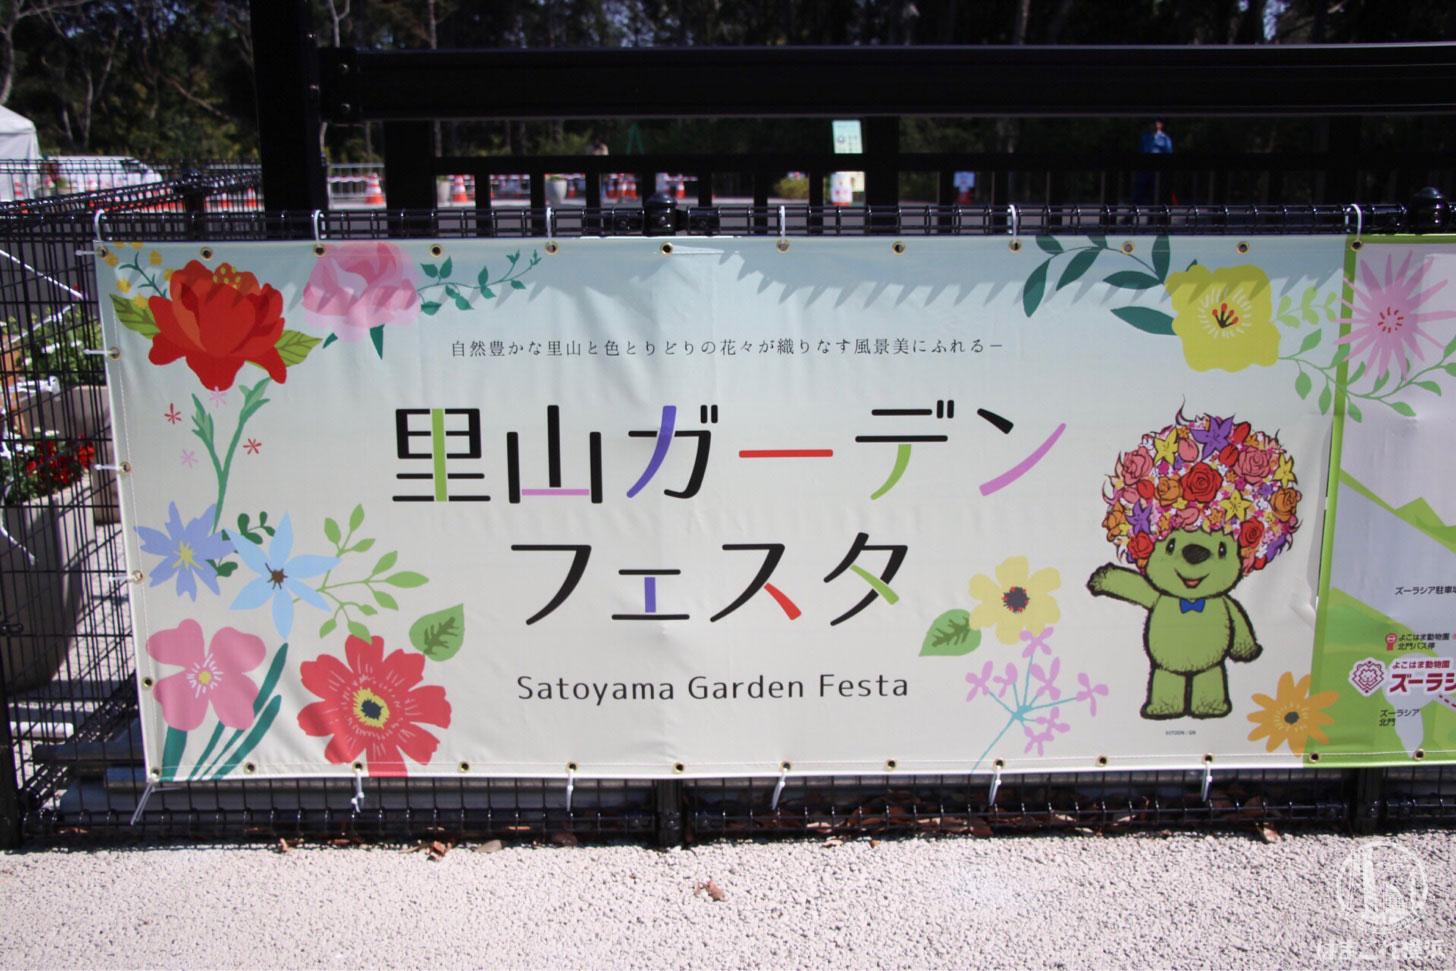 2021年「秋の里山ガーデンフェスタ」開催中止